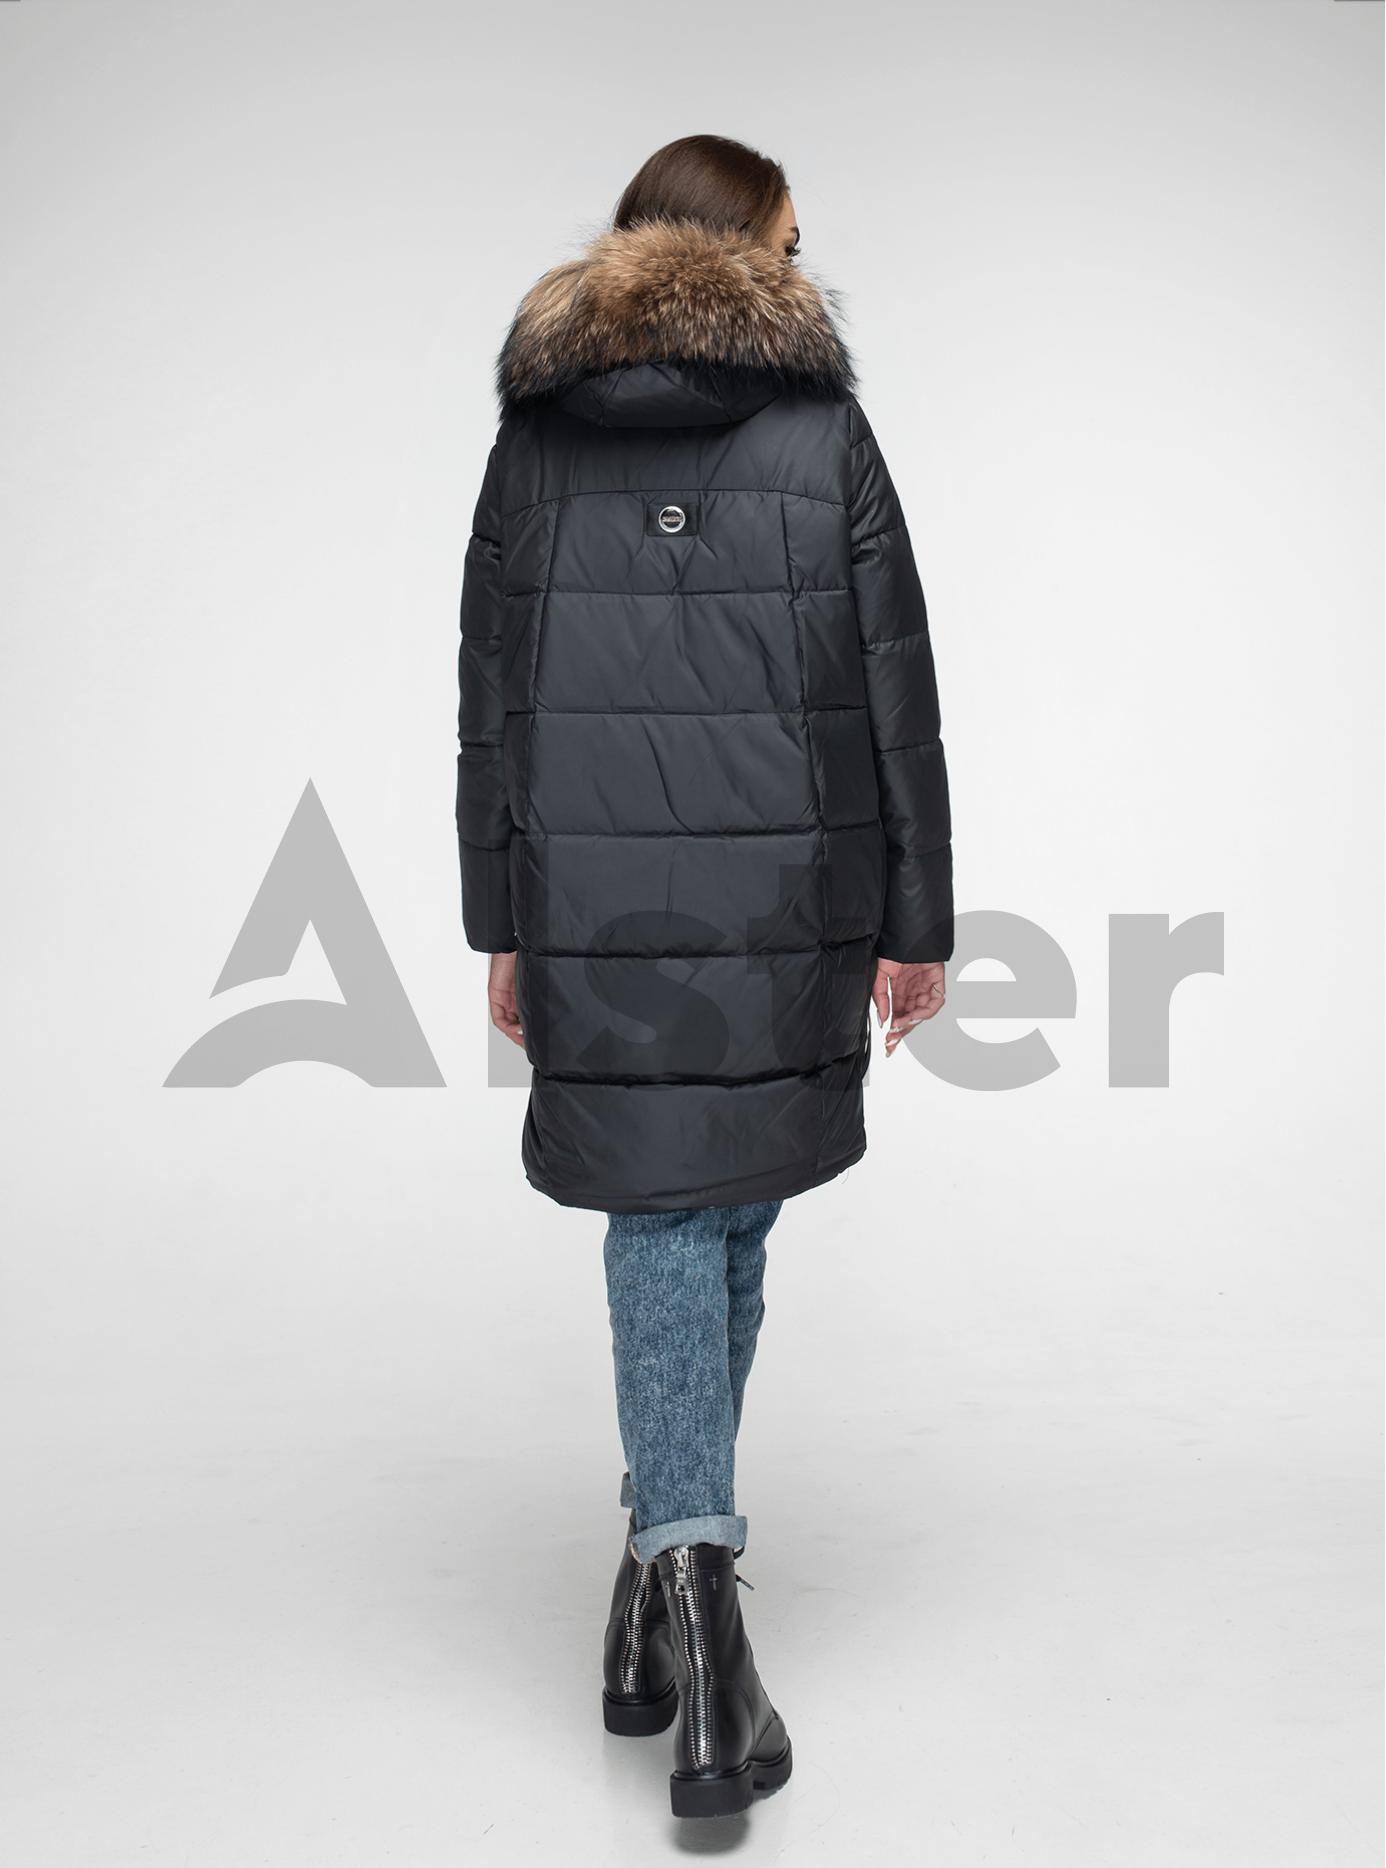 Куртка зимняя с мехом енота Чёрный L (05-V191096): фото - Alster.ua